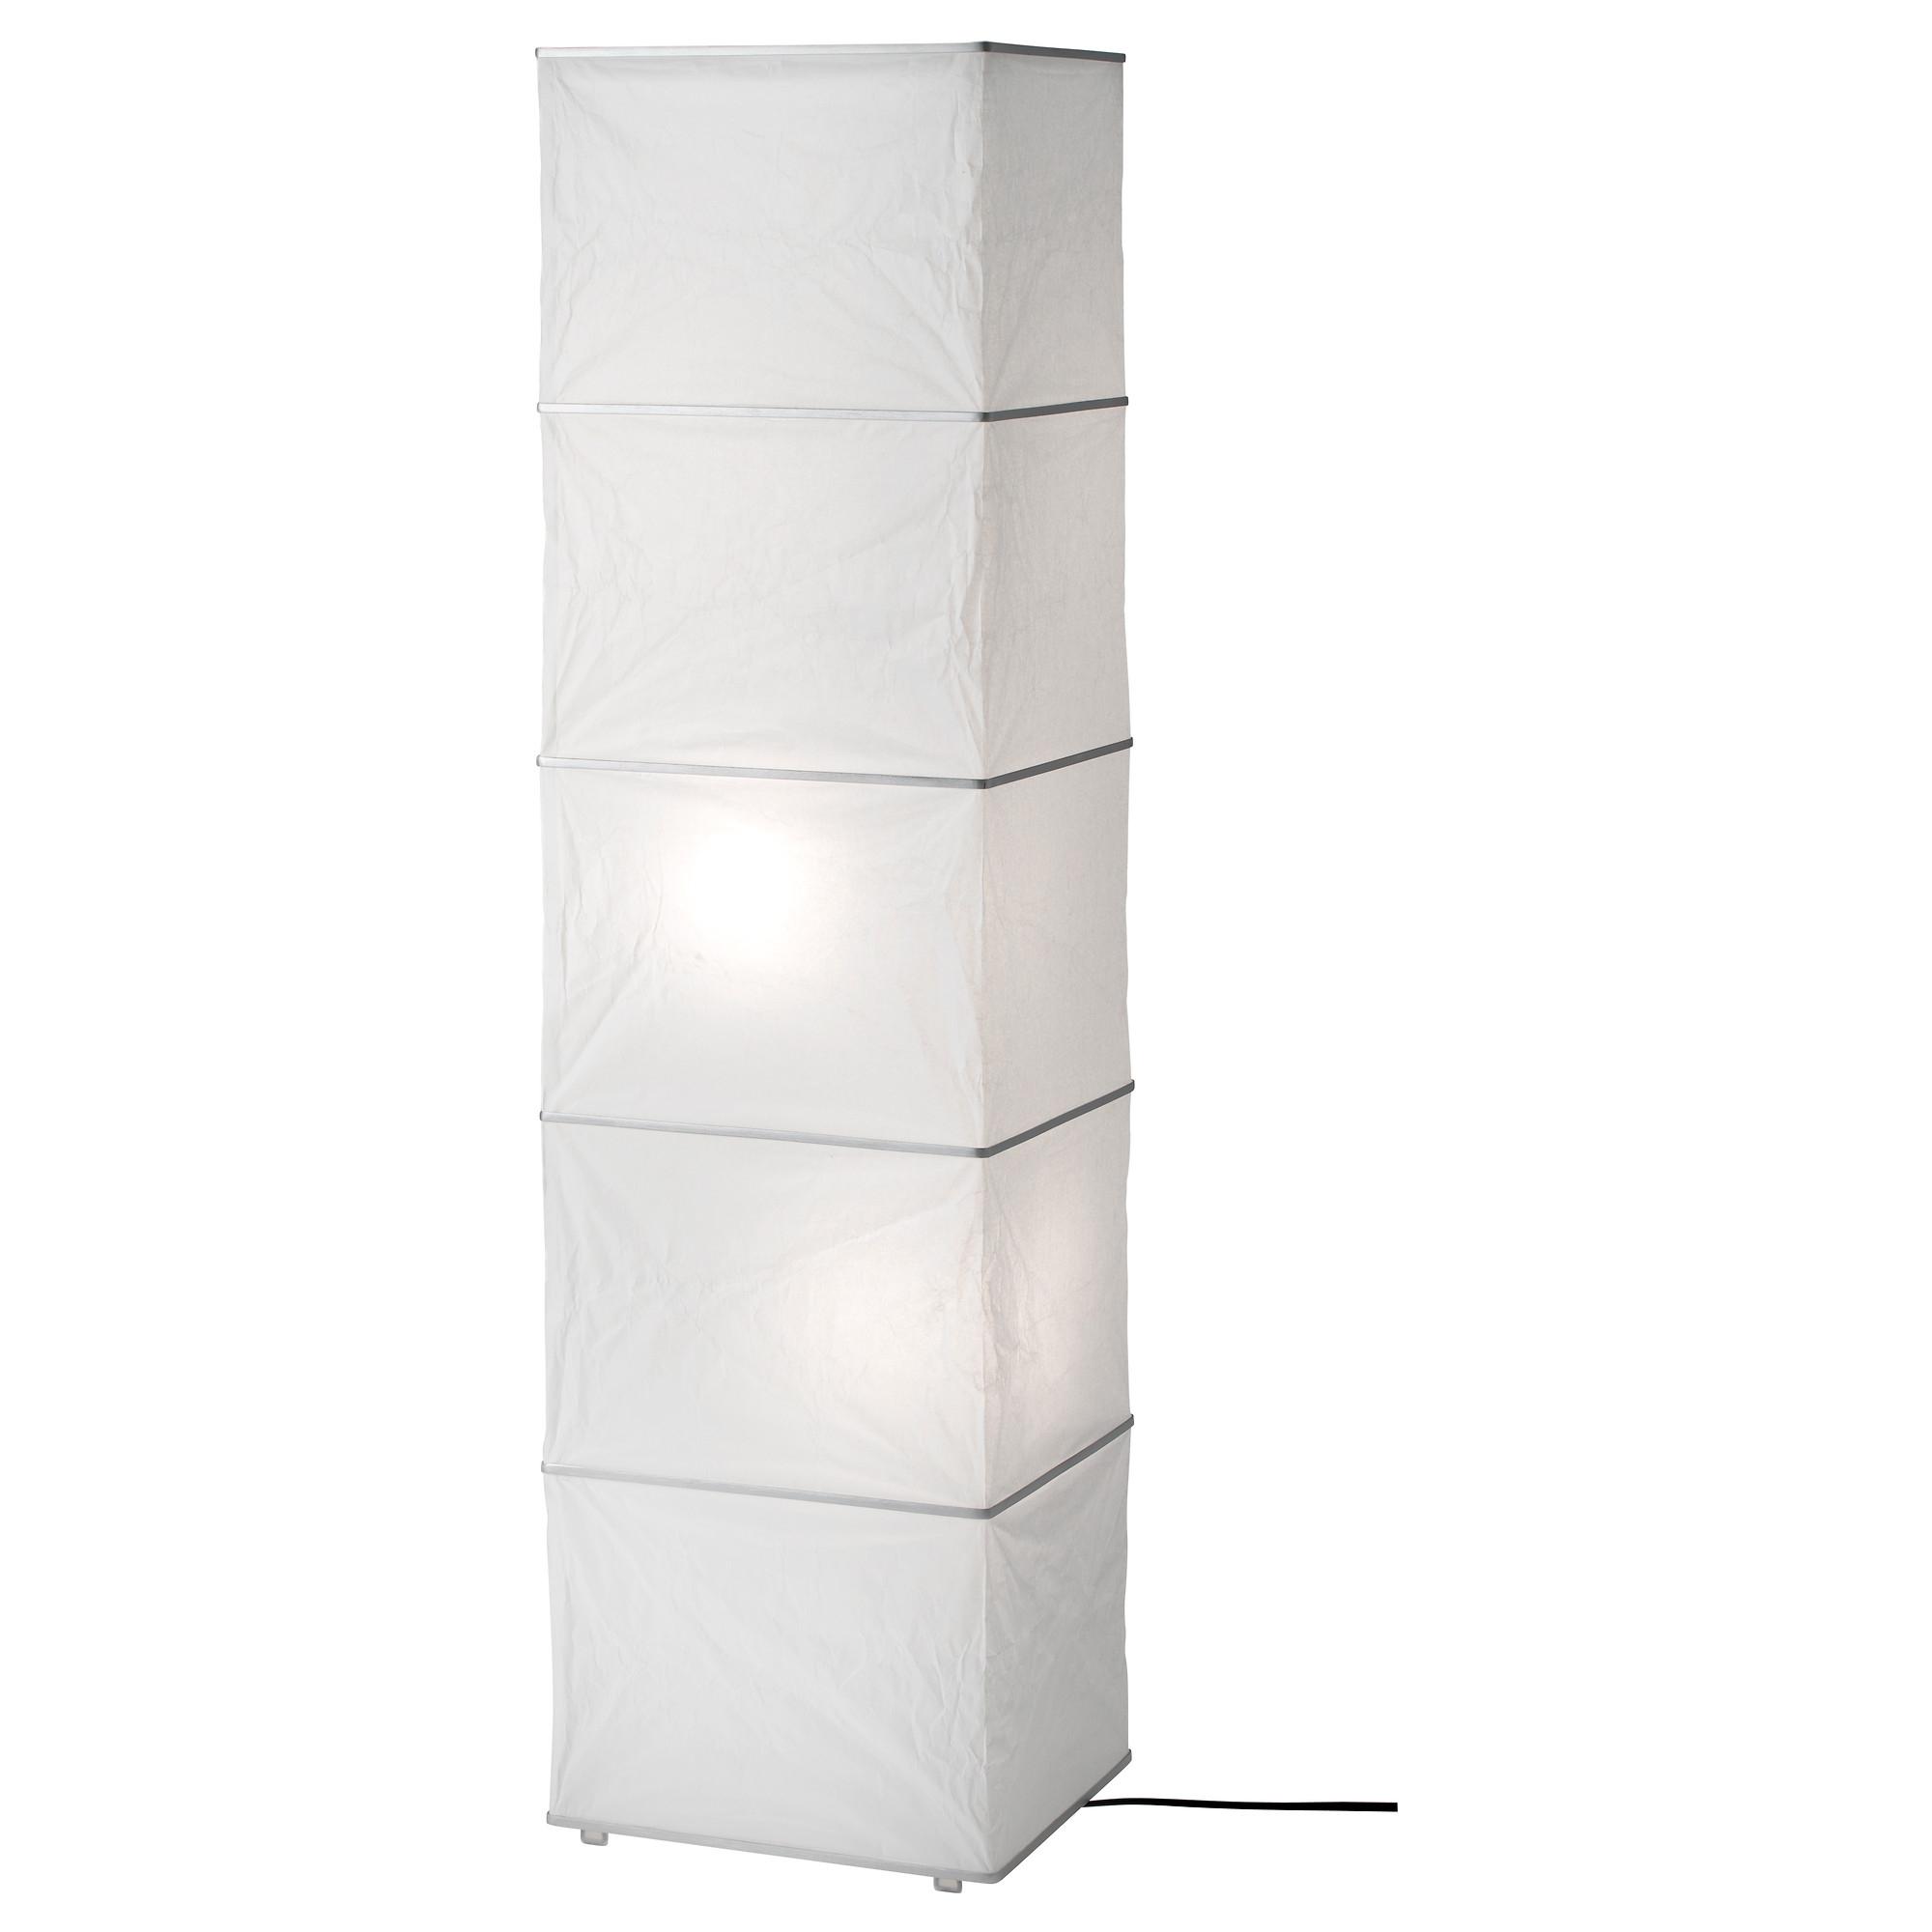 Ikea mallorca detalles producto - Lamparas exterior ikea ...